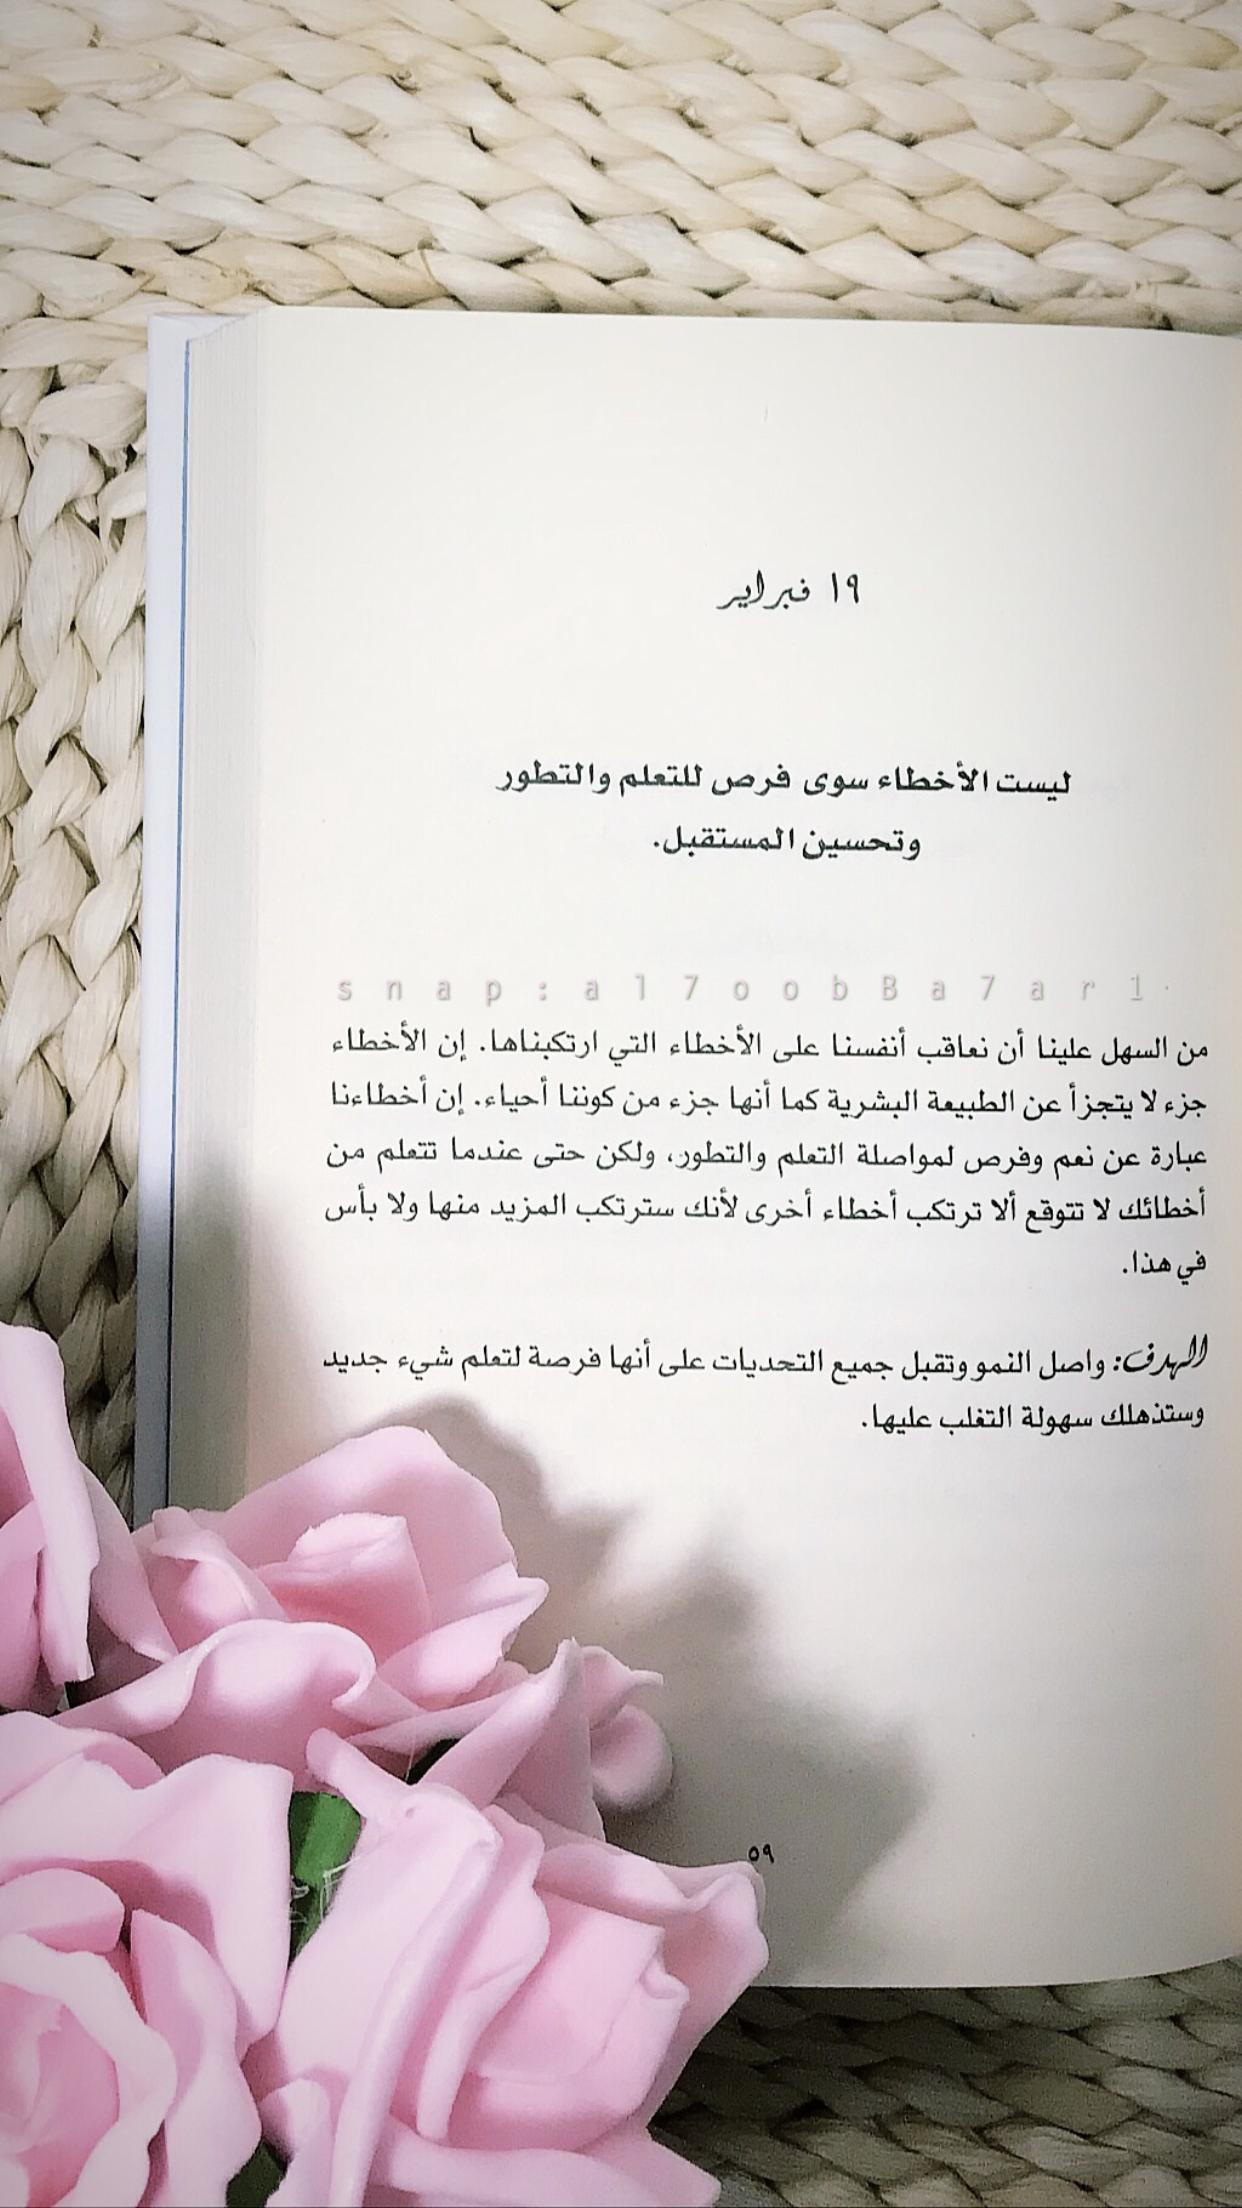 إن الأخطاء ليست سوى فرص لـ التعلم والتطور وتحسين المستقبل تقبل جميع التحديات على أنها فرصة لـ تعلم شيء جديد Arabic Quotes Qoutes Positivity